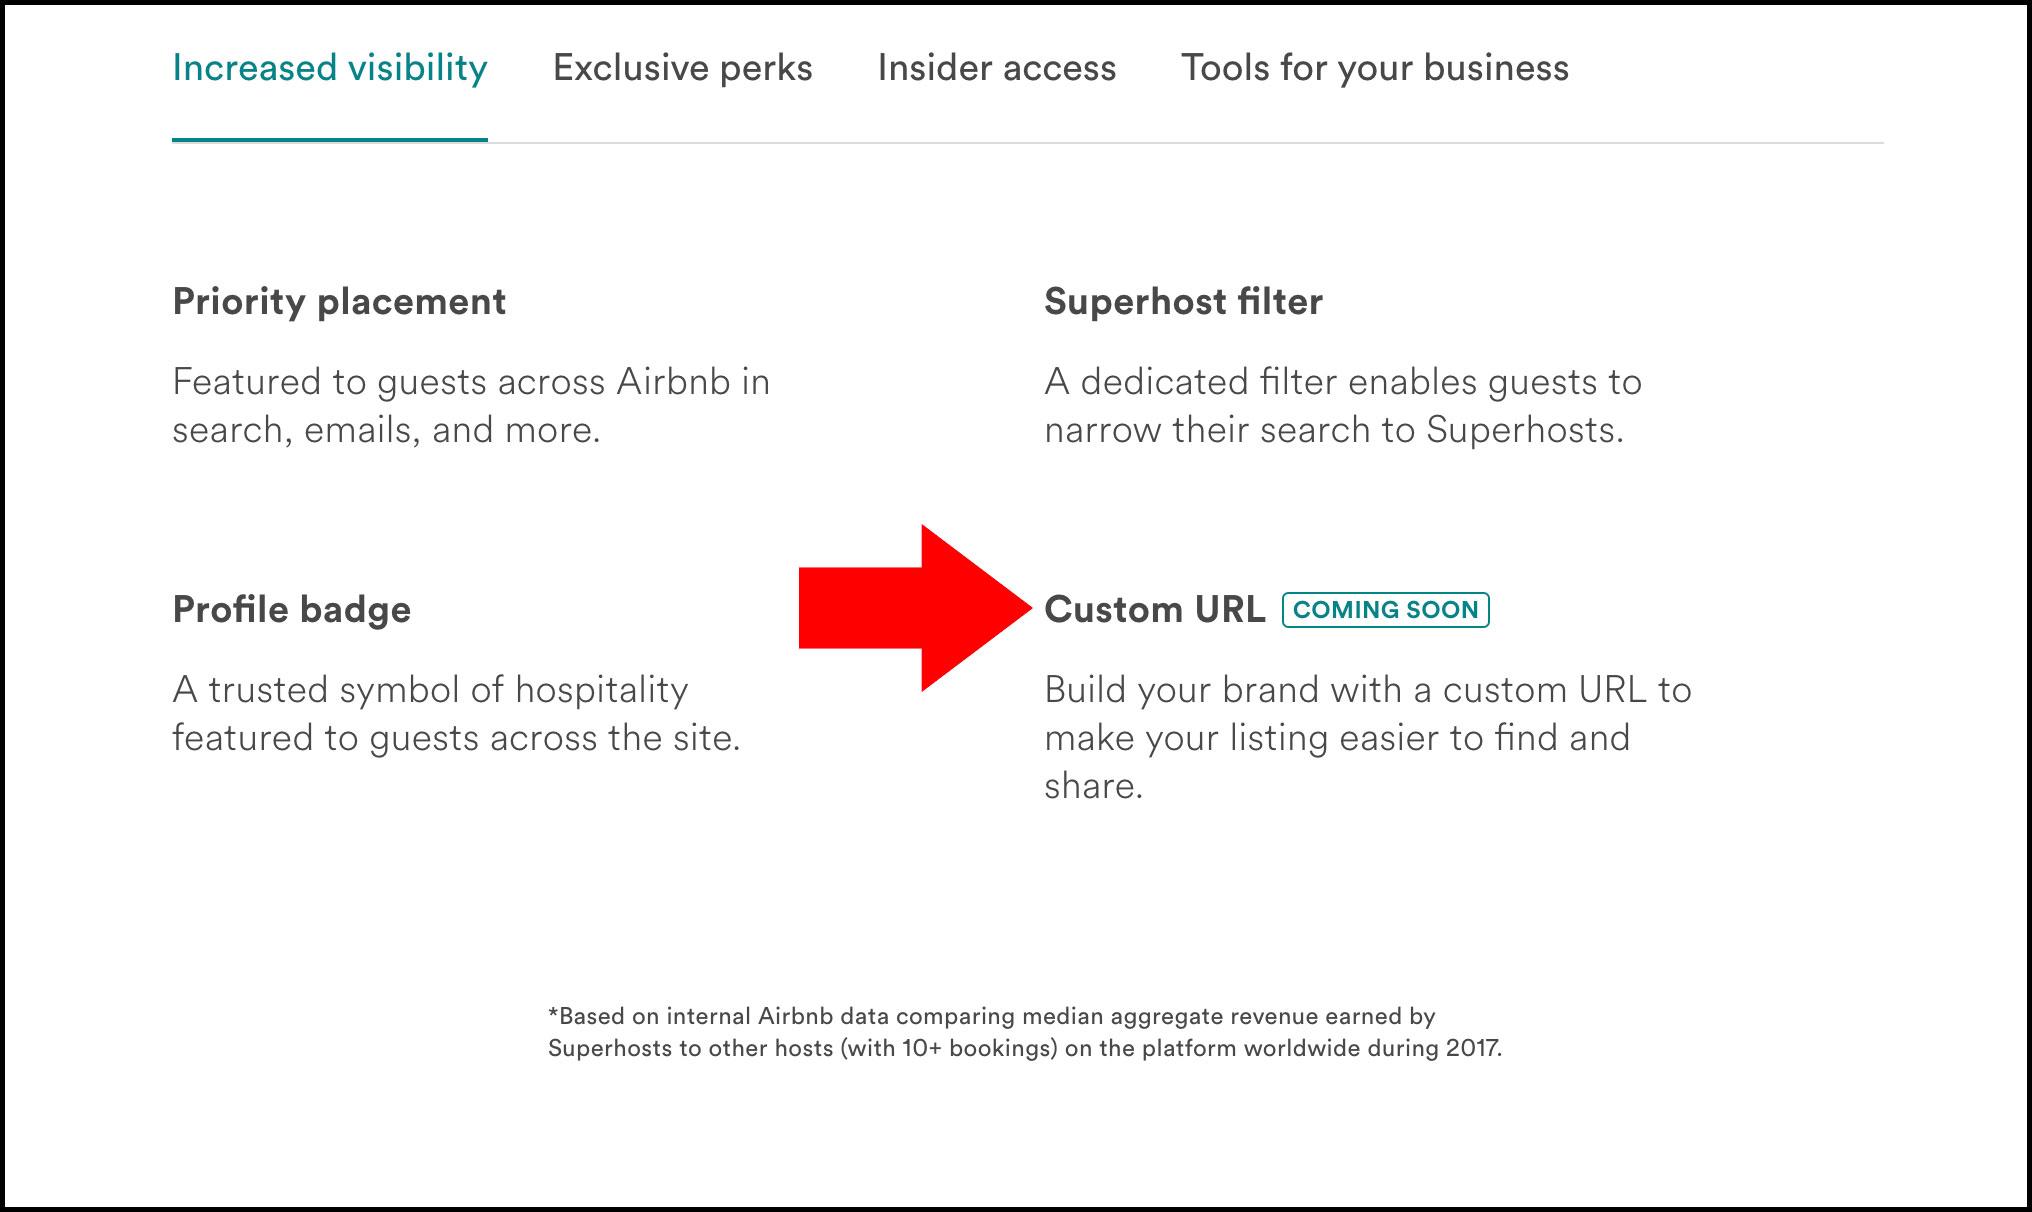 Αποτέλεσμα εικόνας για airbnb custom url